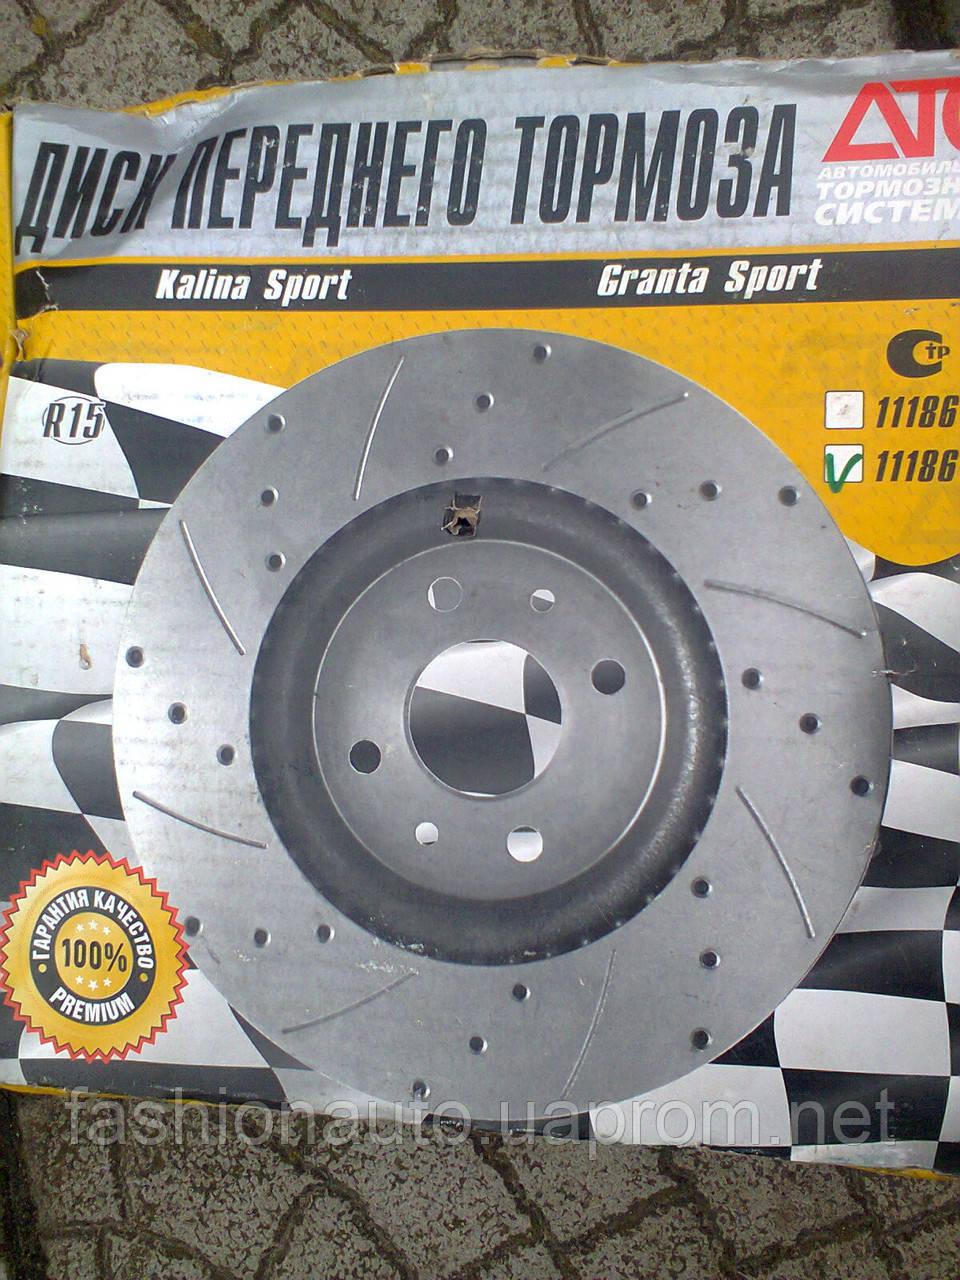 """Тормозные диски АТС """"Калина -Спорт"""" 15й радиус"""